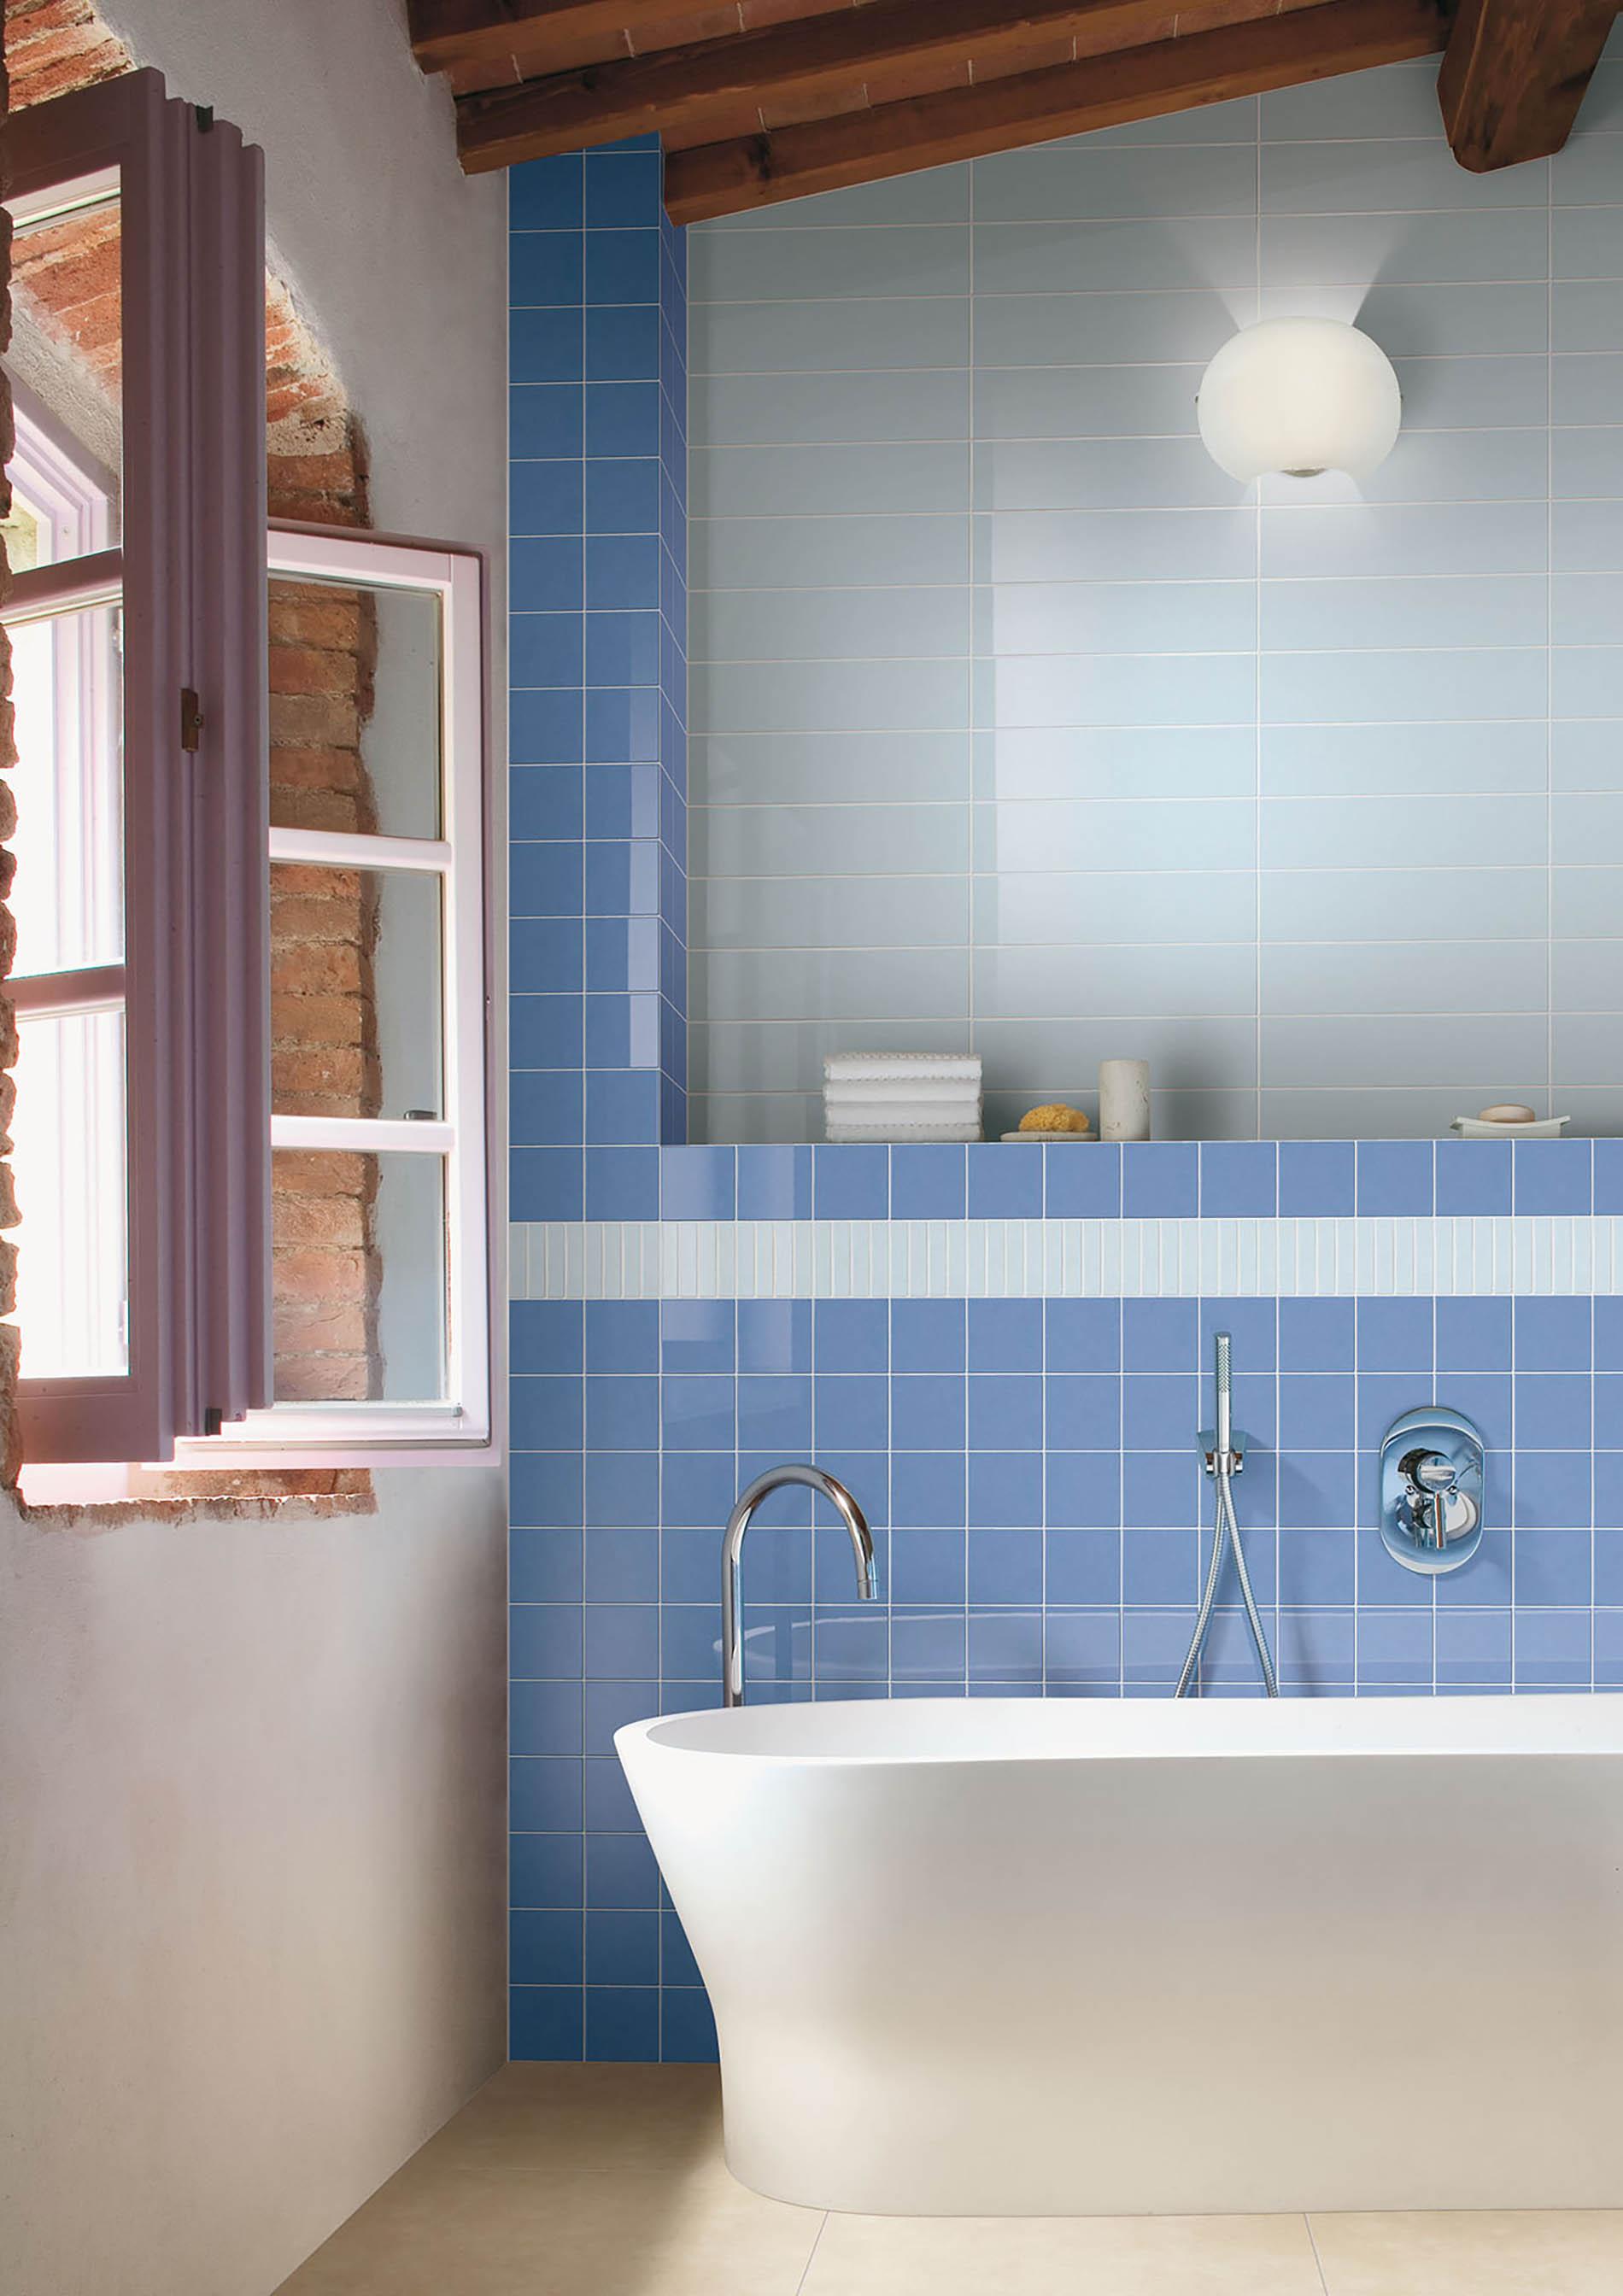 אמבטיה מחופה אריחים צבעוניים